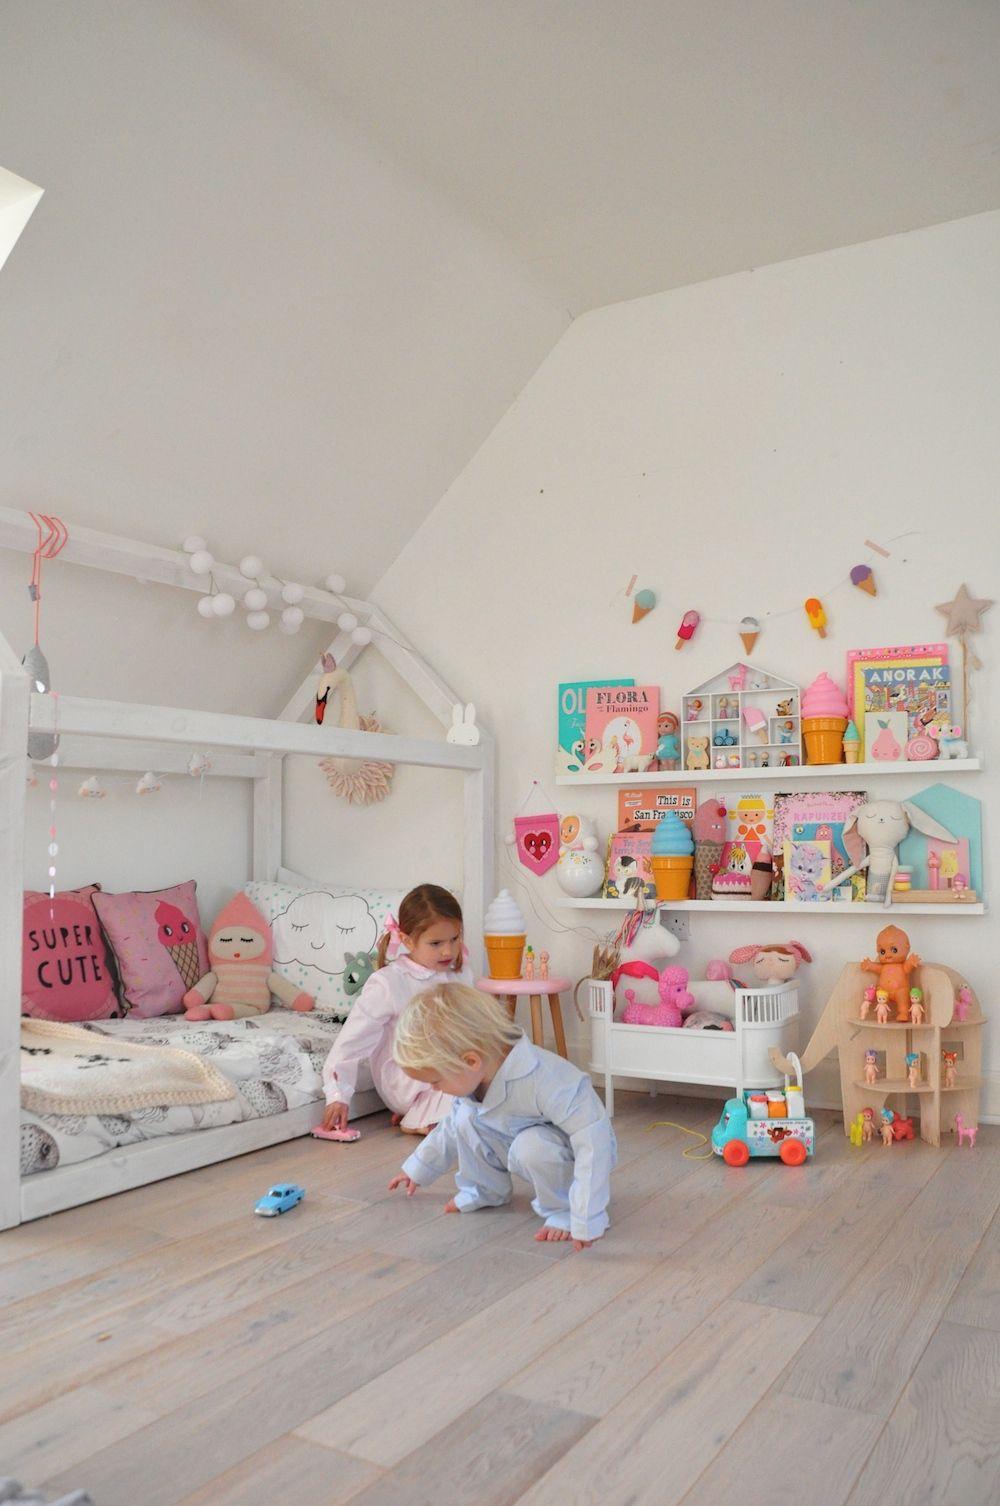 My_little_shop_pyjamas_kids.jpg 1,000×1,506 pixels